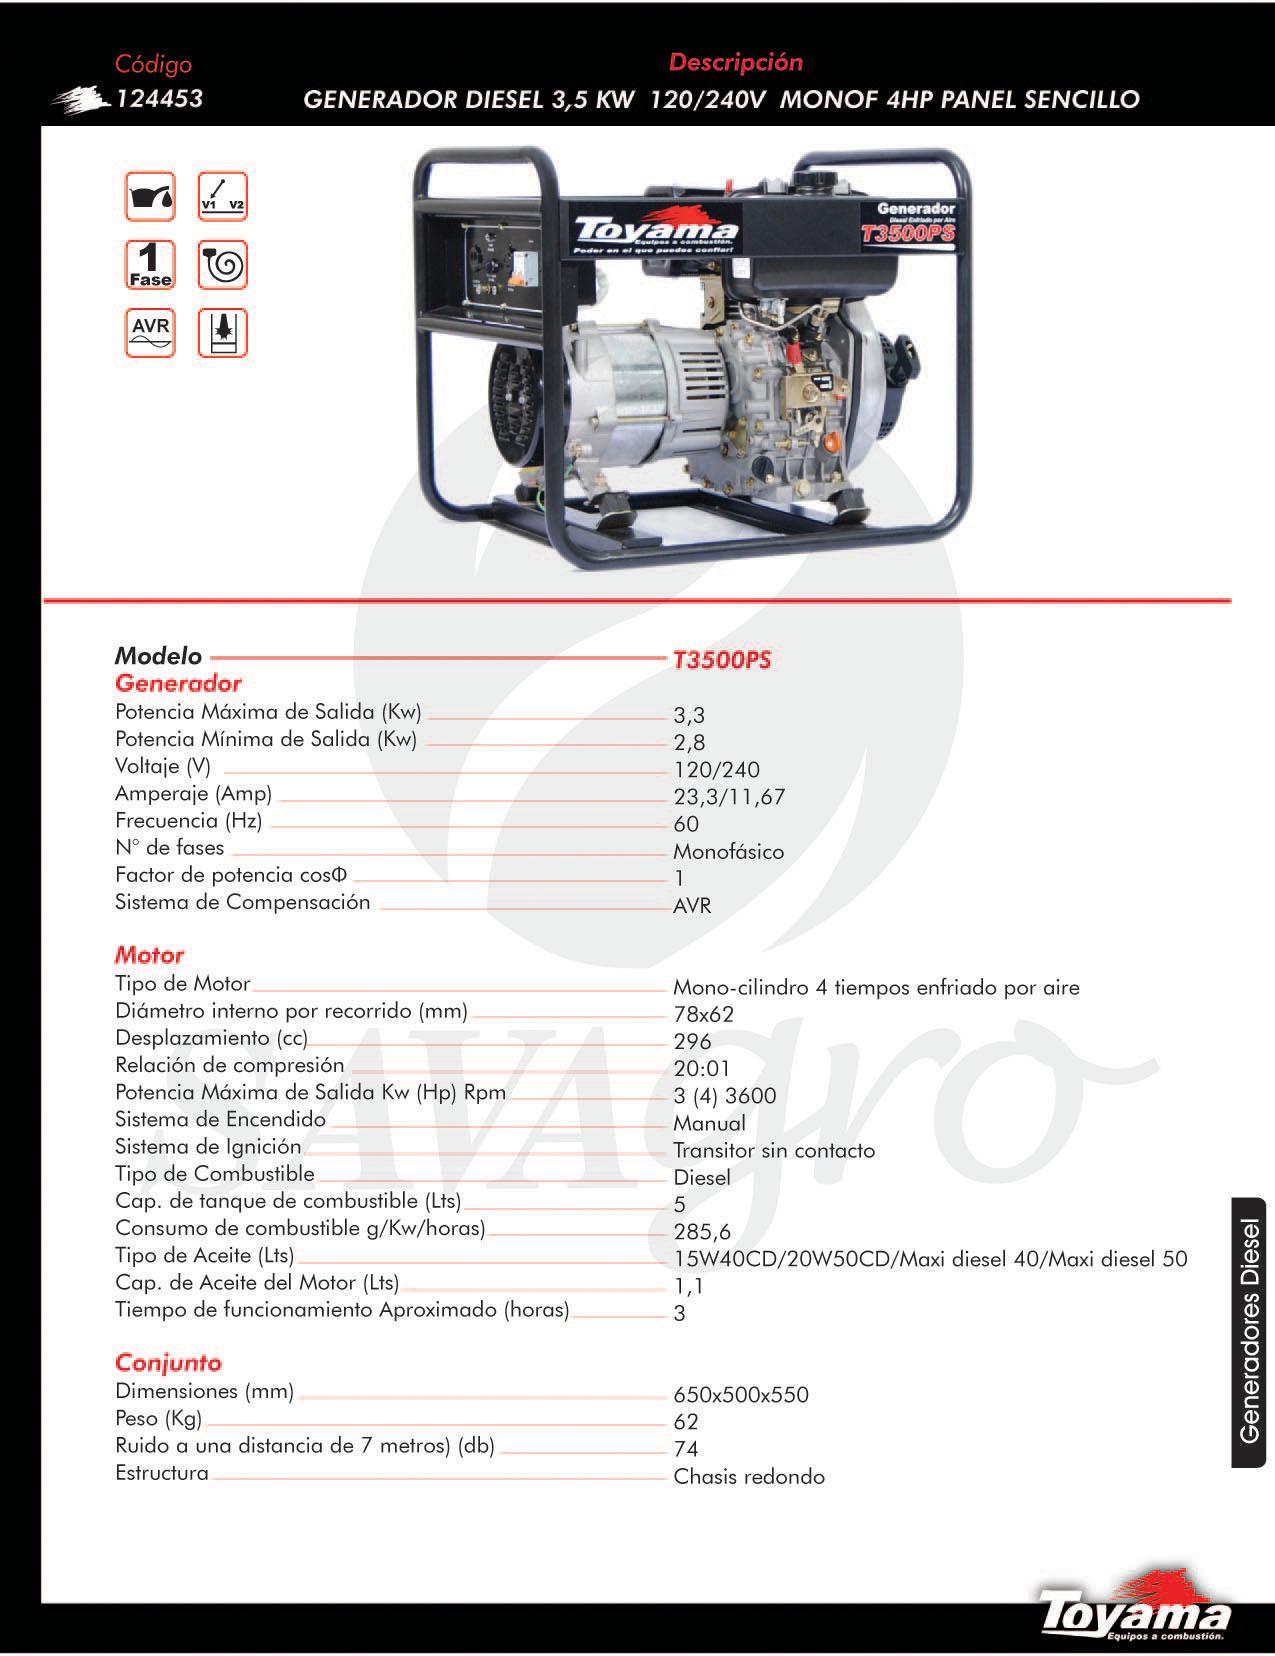 Generador Diesel TOYAMA de 3,5 Kw T3500PS 124453